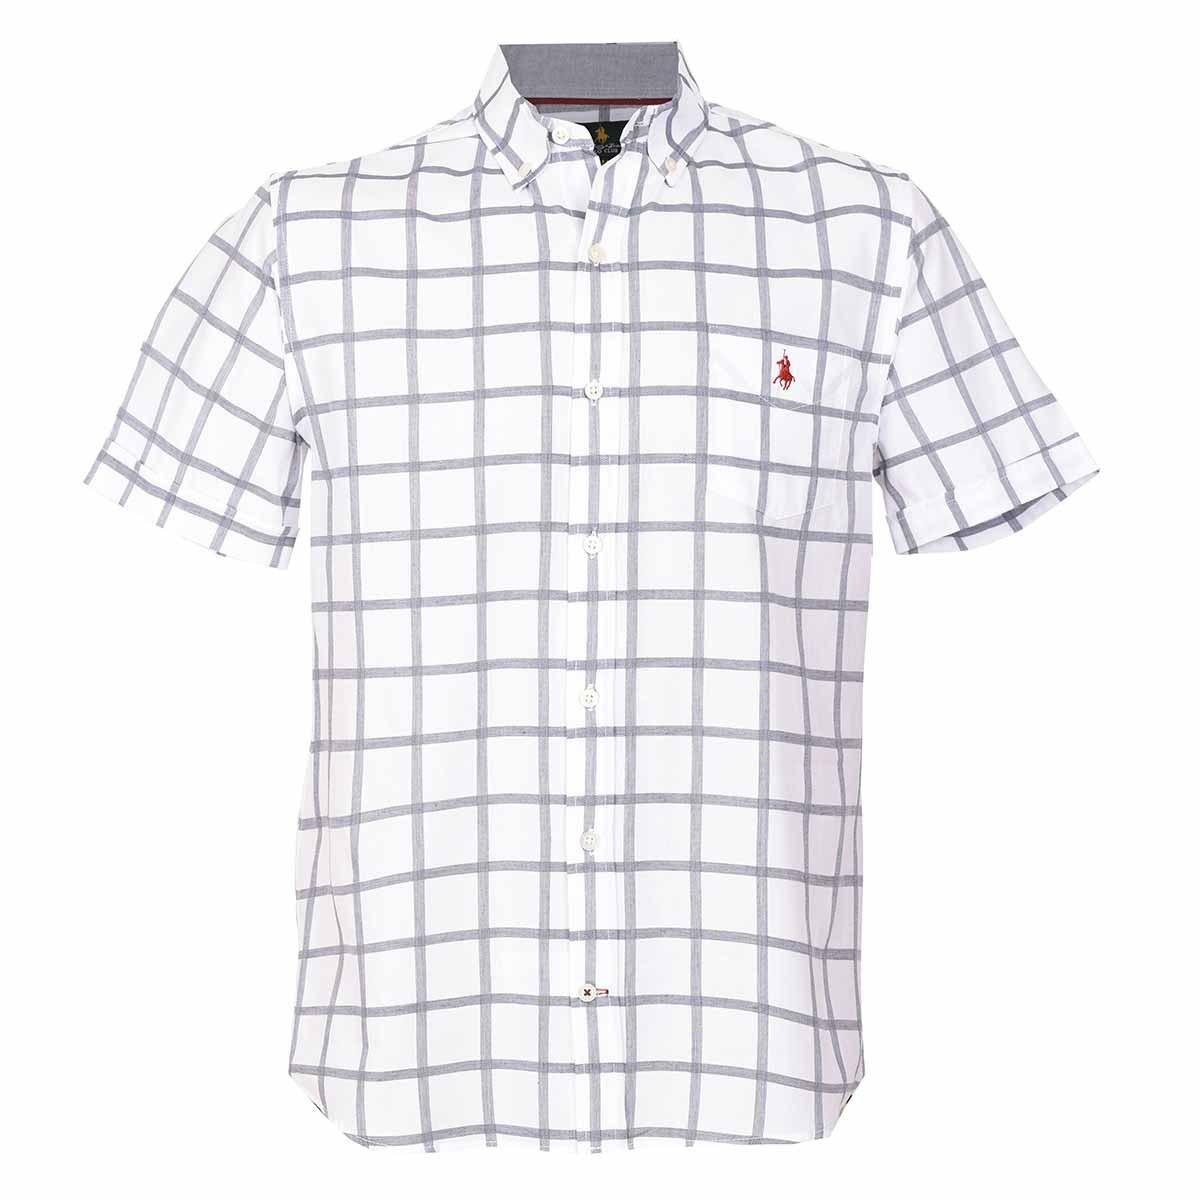 0a7b2223d9 Camisa Cuadros Polo Club -   1